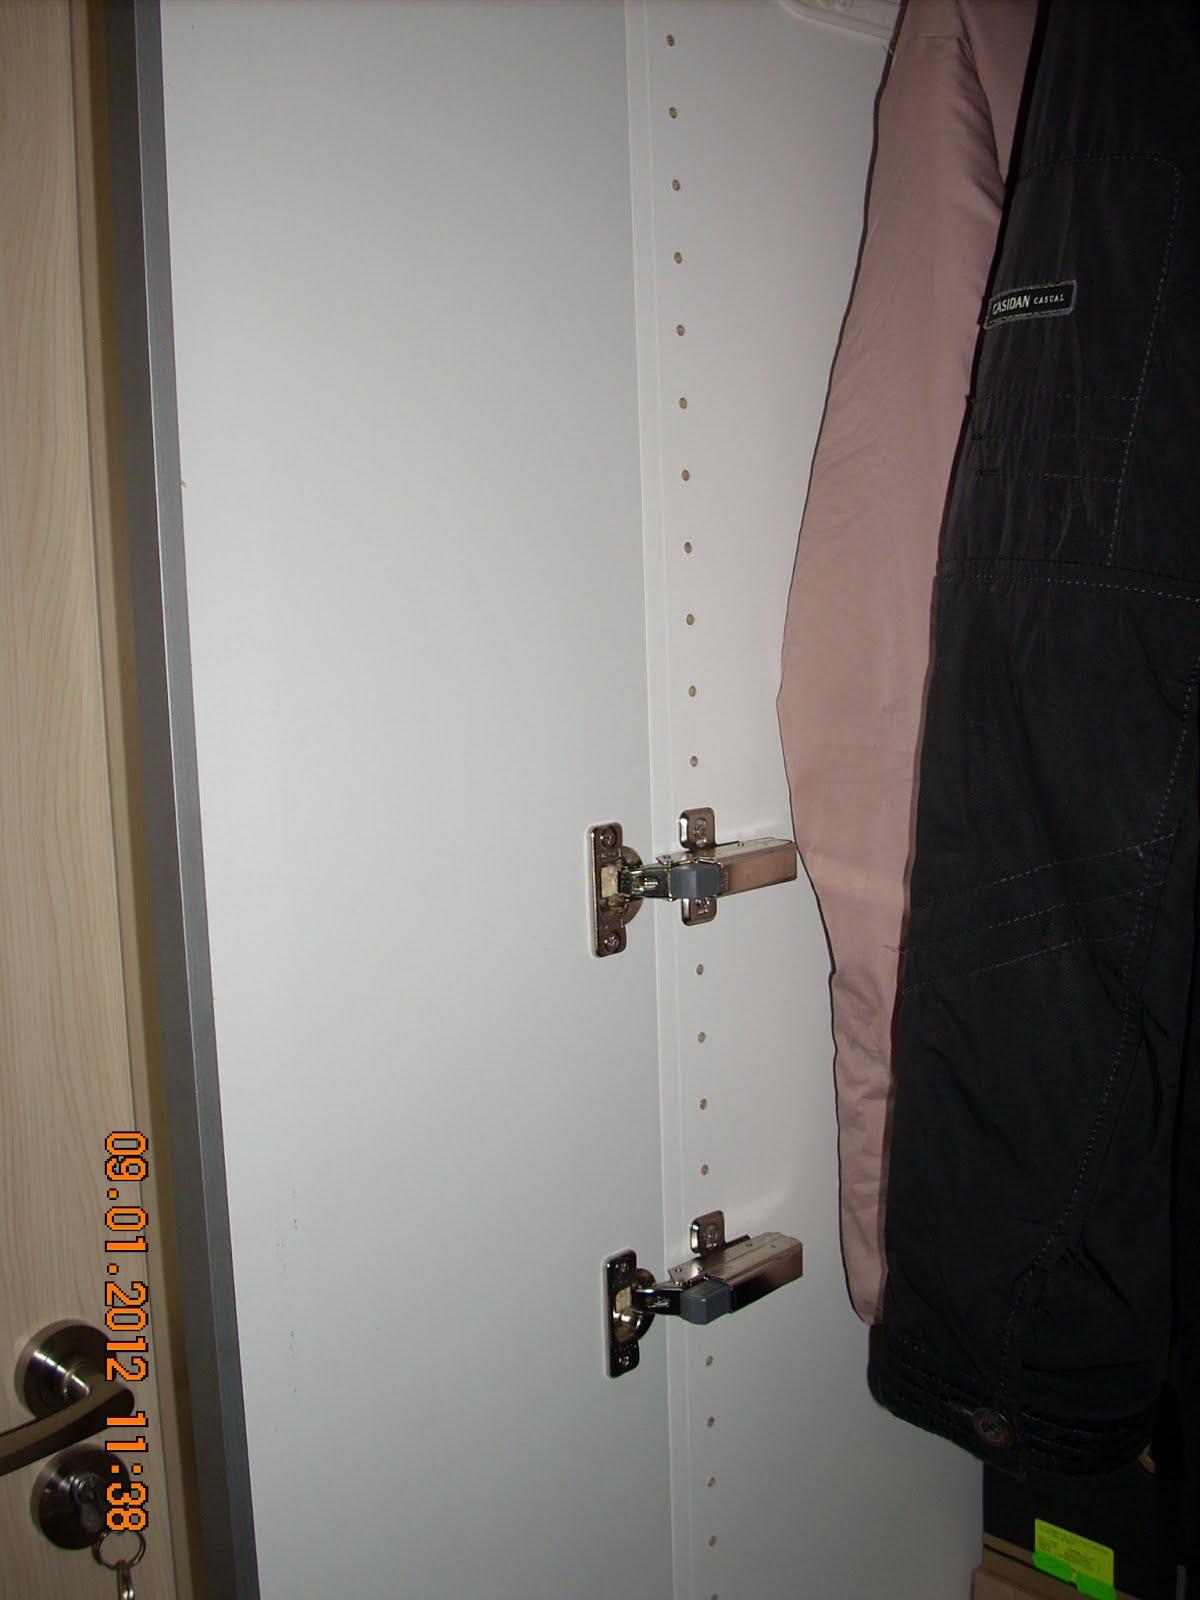 How-to: Change Pax sliding door to hinge door - IKEA Hackers